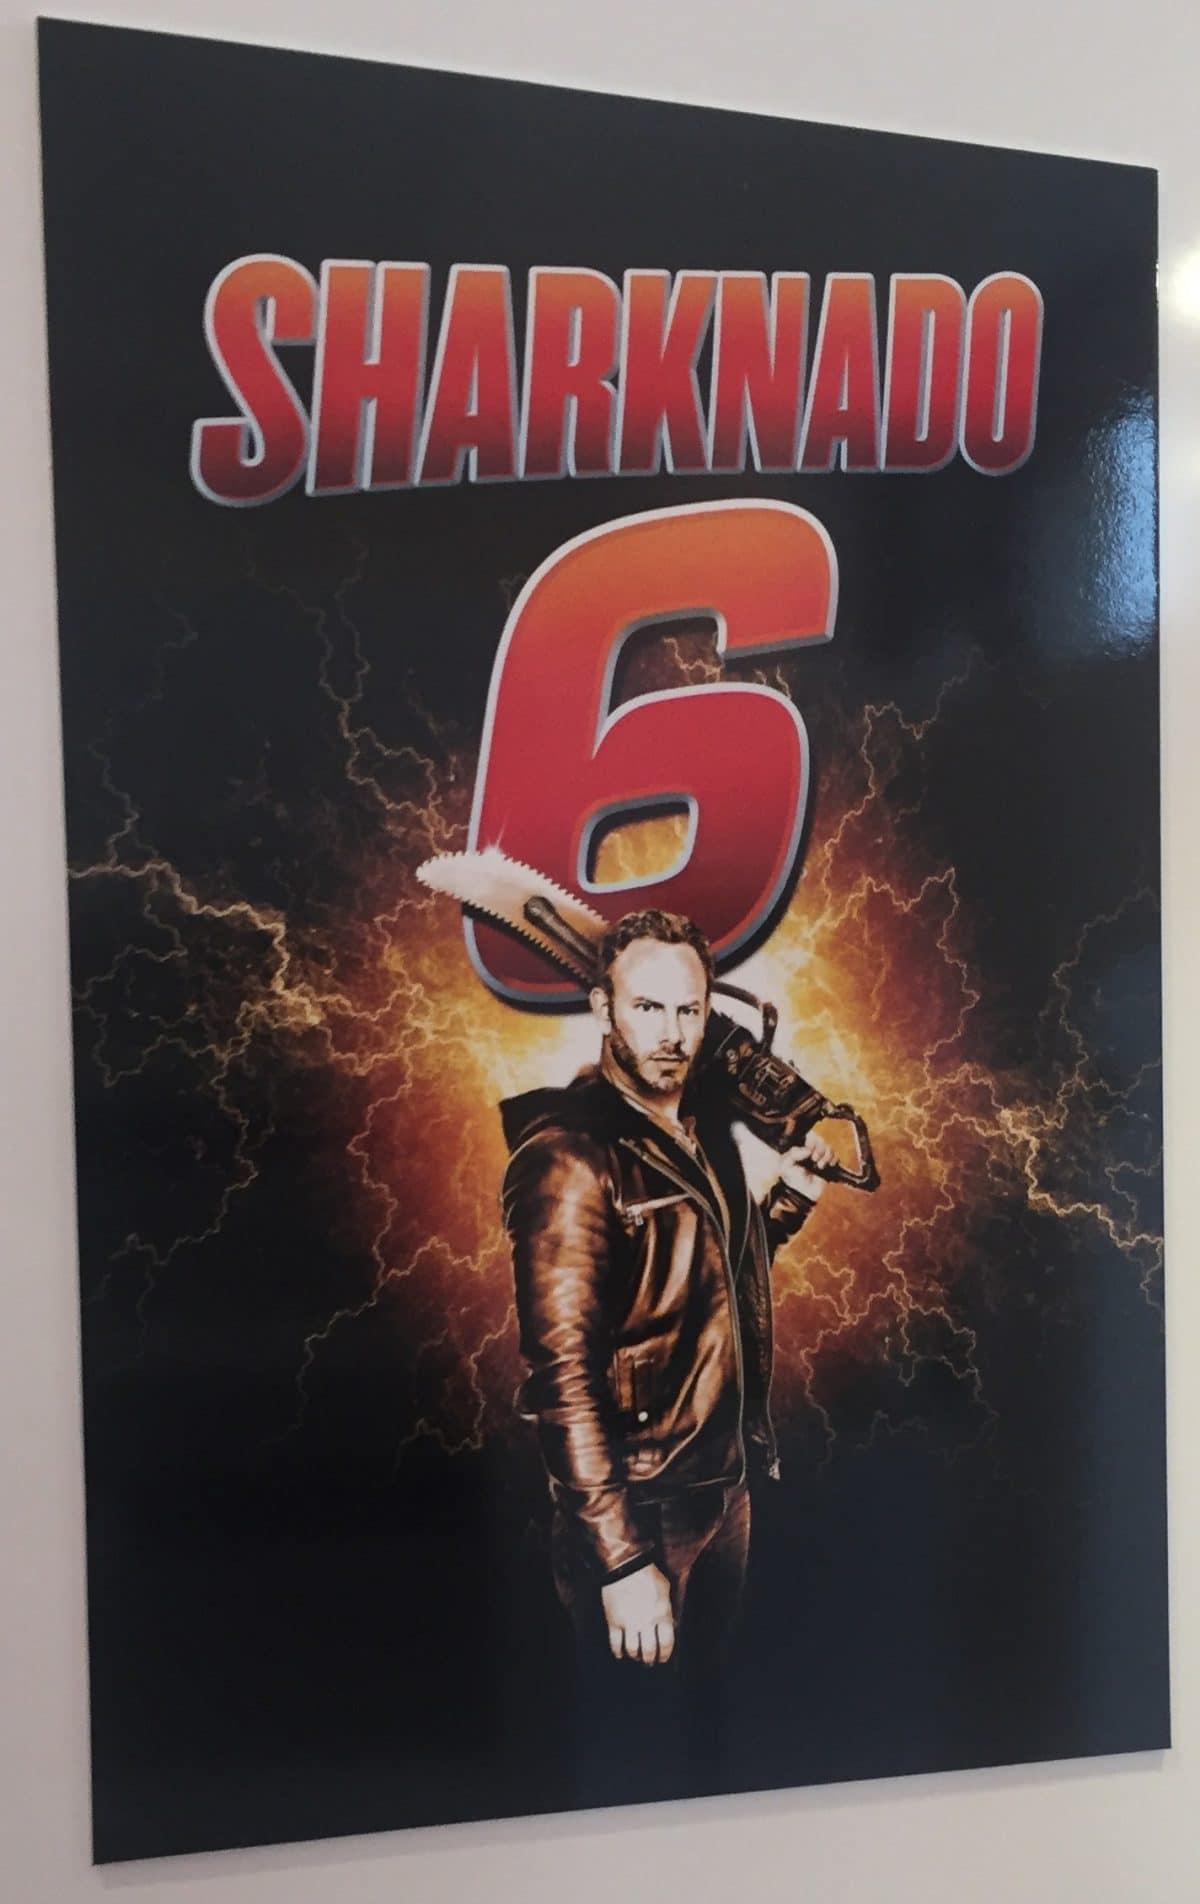 sharknado 6 poster